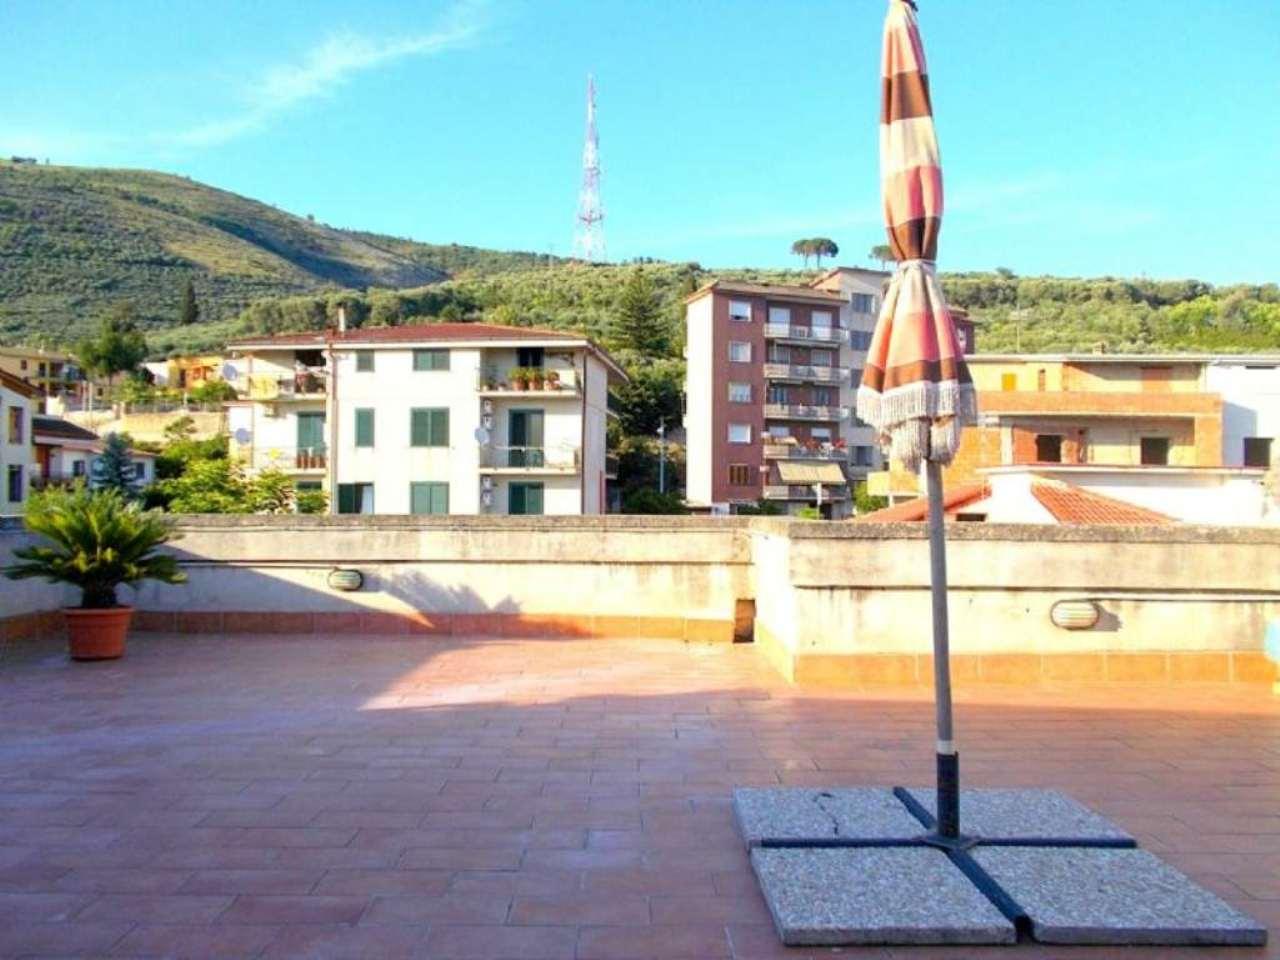 Appartamento in vendita a Santa Maria a Vico, 5 locali, prezzo € 115.000 | Cambio Casa.it